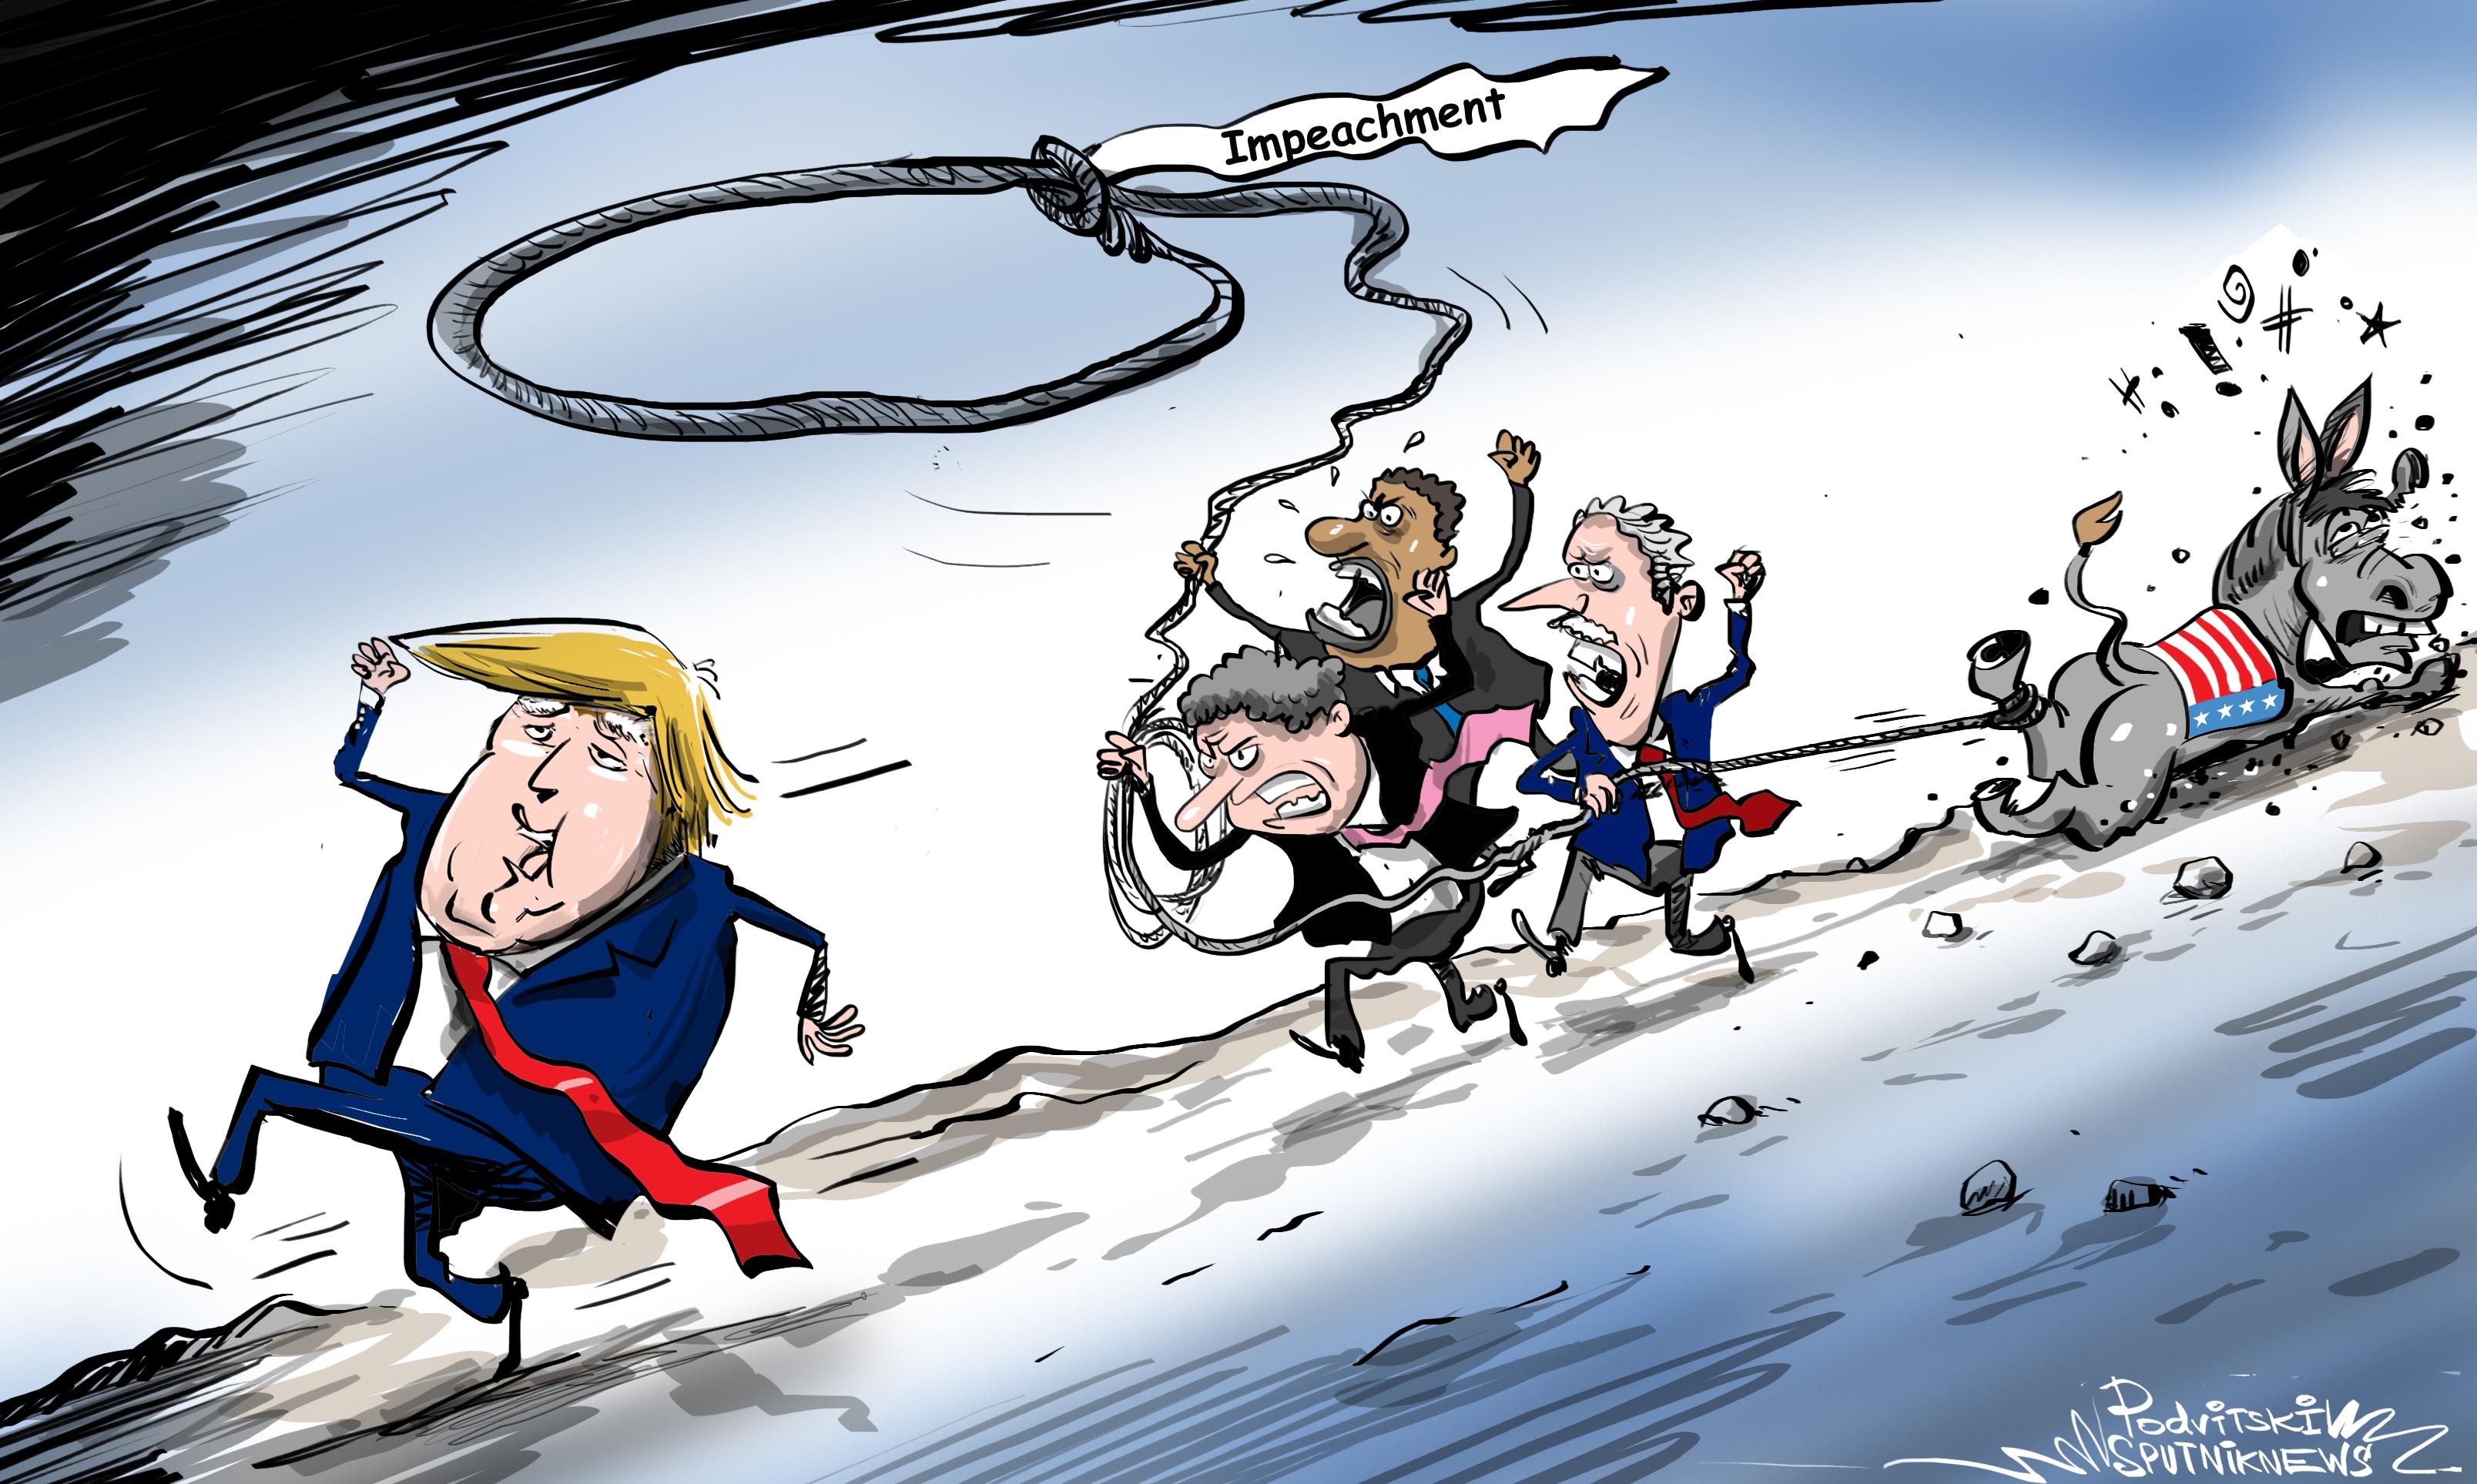 El 'burro' republicano no permitirá a los demócratas apretar la horca sobre el cuello de Trump